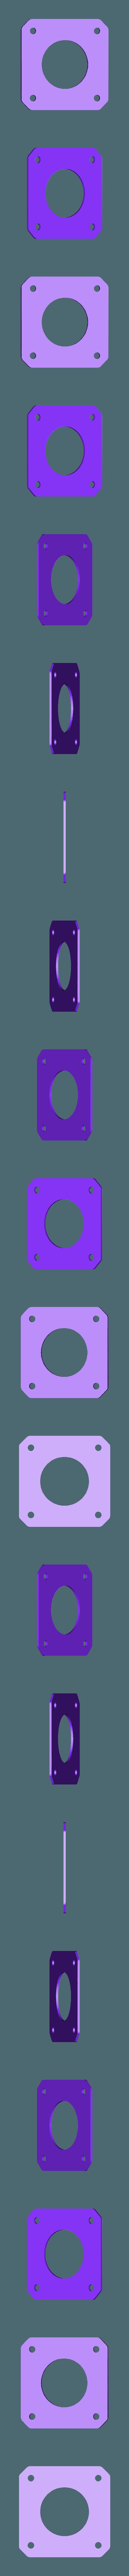 Motor_Mount_v3-0_Gasket.STL Télécharger fichier STL gratuit Montage moteur décalé (RigidBot) • Plan pour impression 3D, WalterHsiao